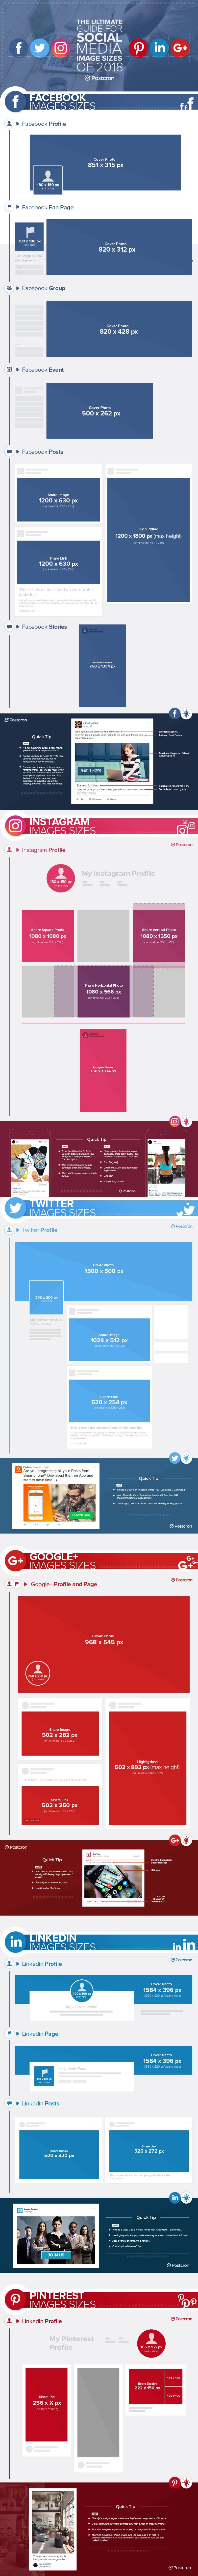 Social Media Sizes - Postcron